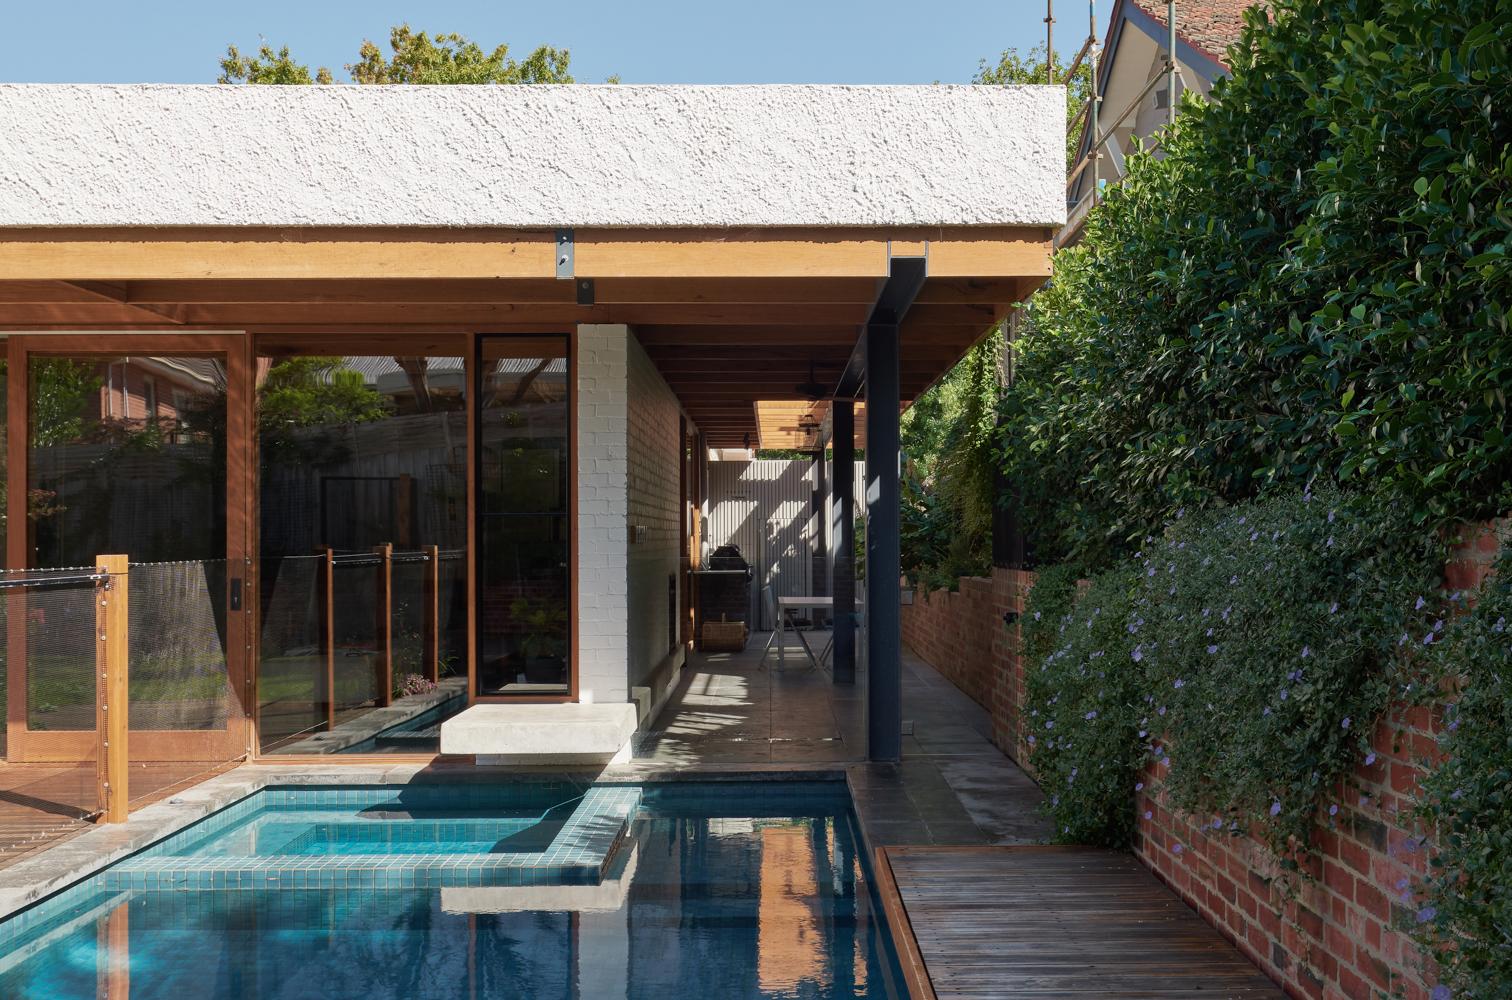 glen-iris-pleysier-perkins-architecture-the-design-emotive-14.jpg